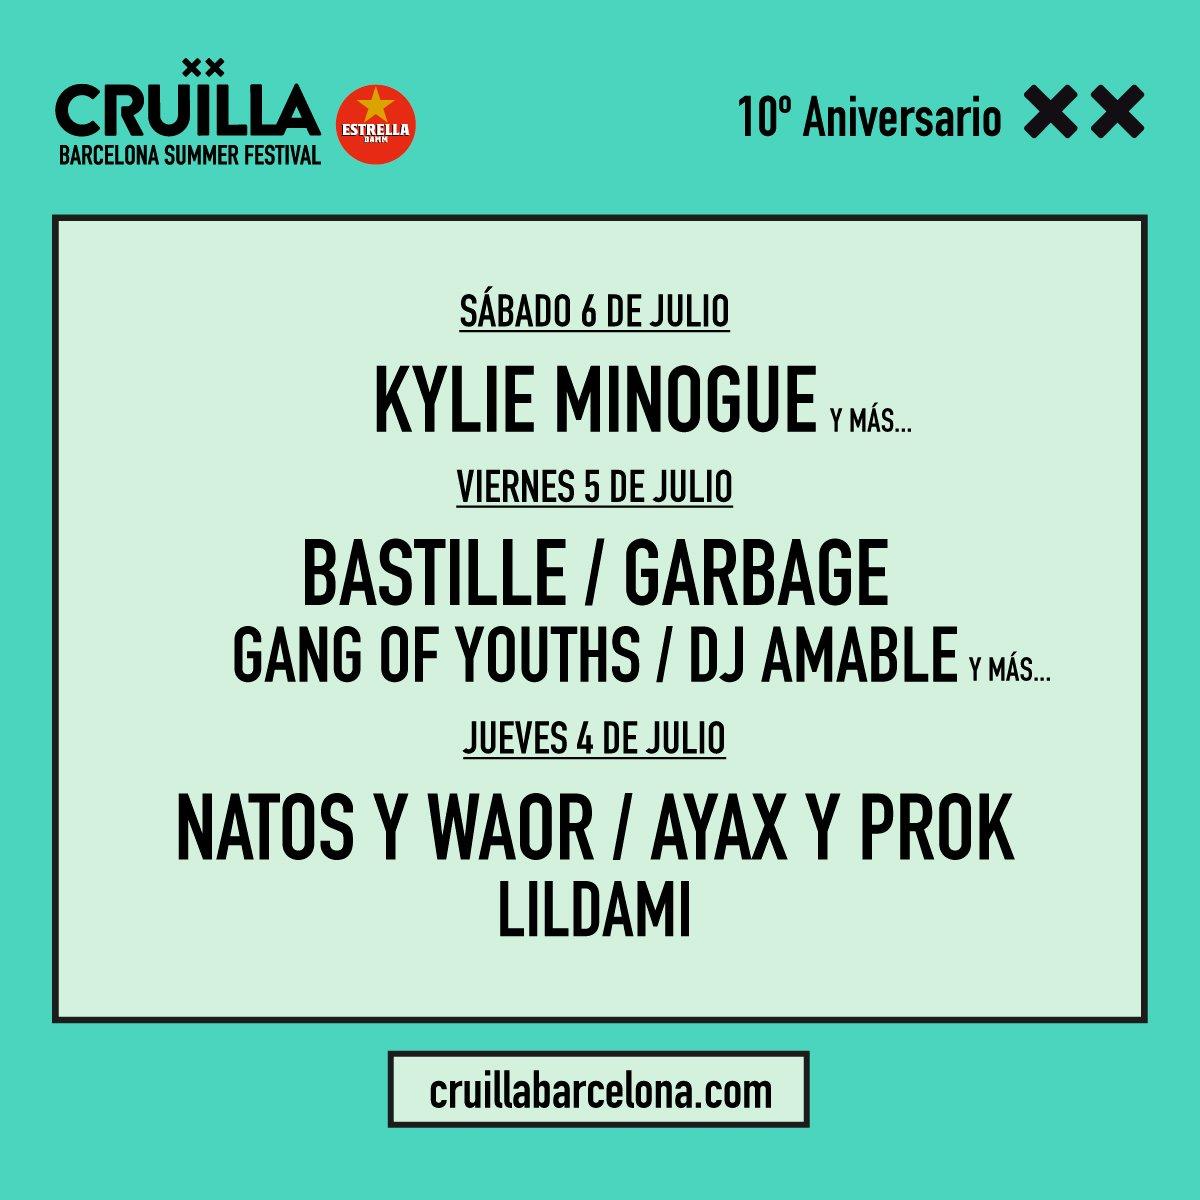 Cruilla2019_Cartel1